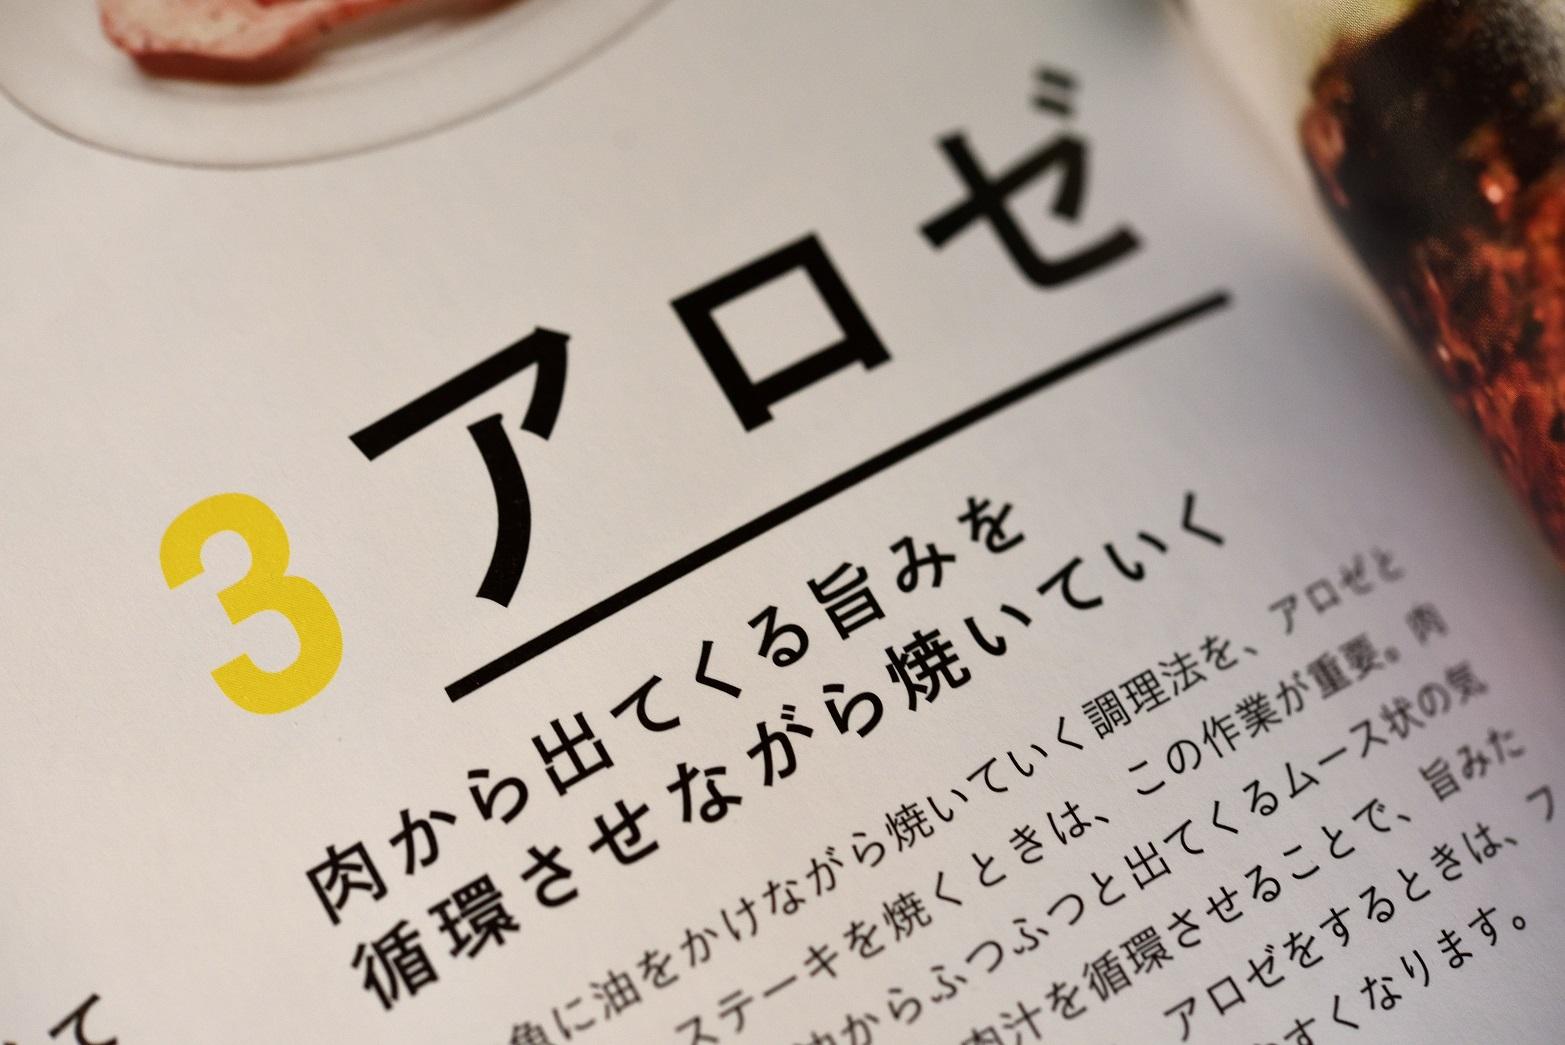 出典:『調理科学×肉の辞典』 朝日新聞出版